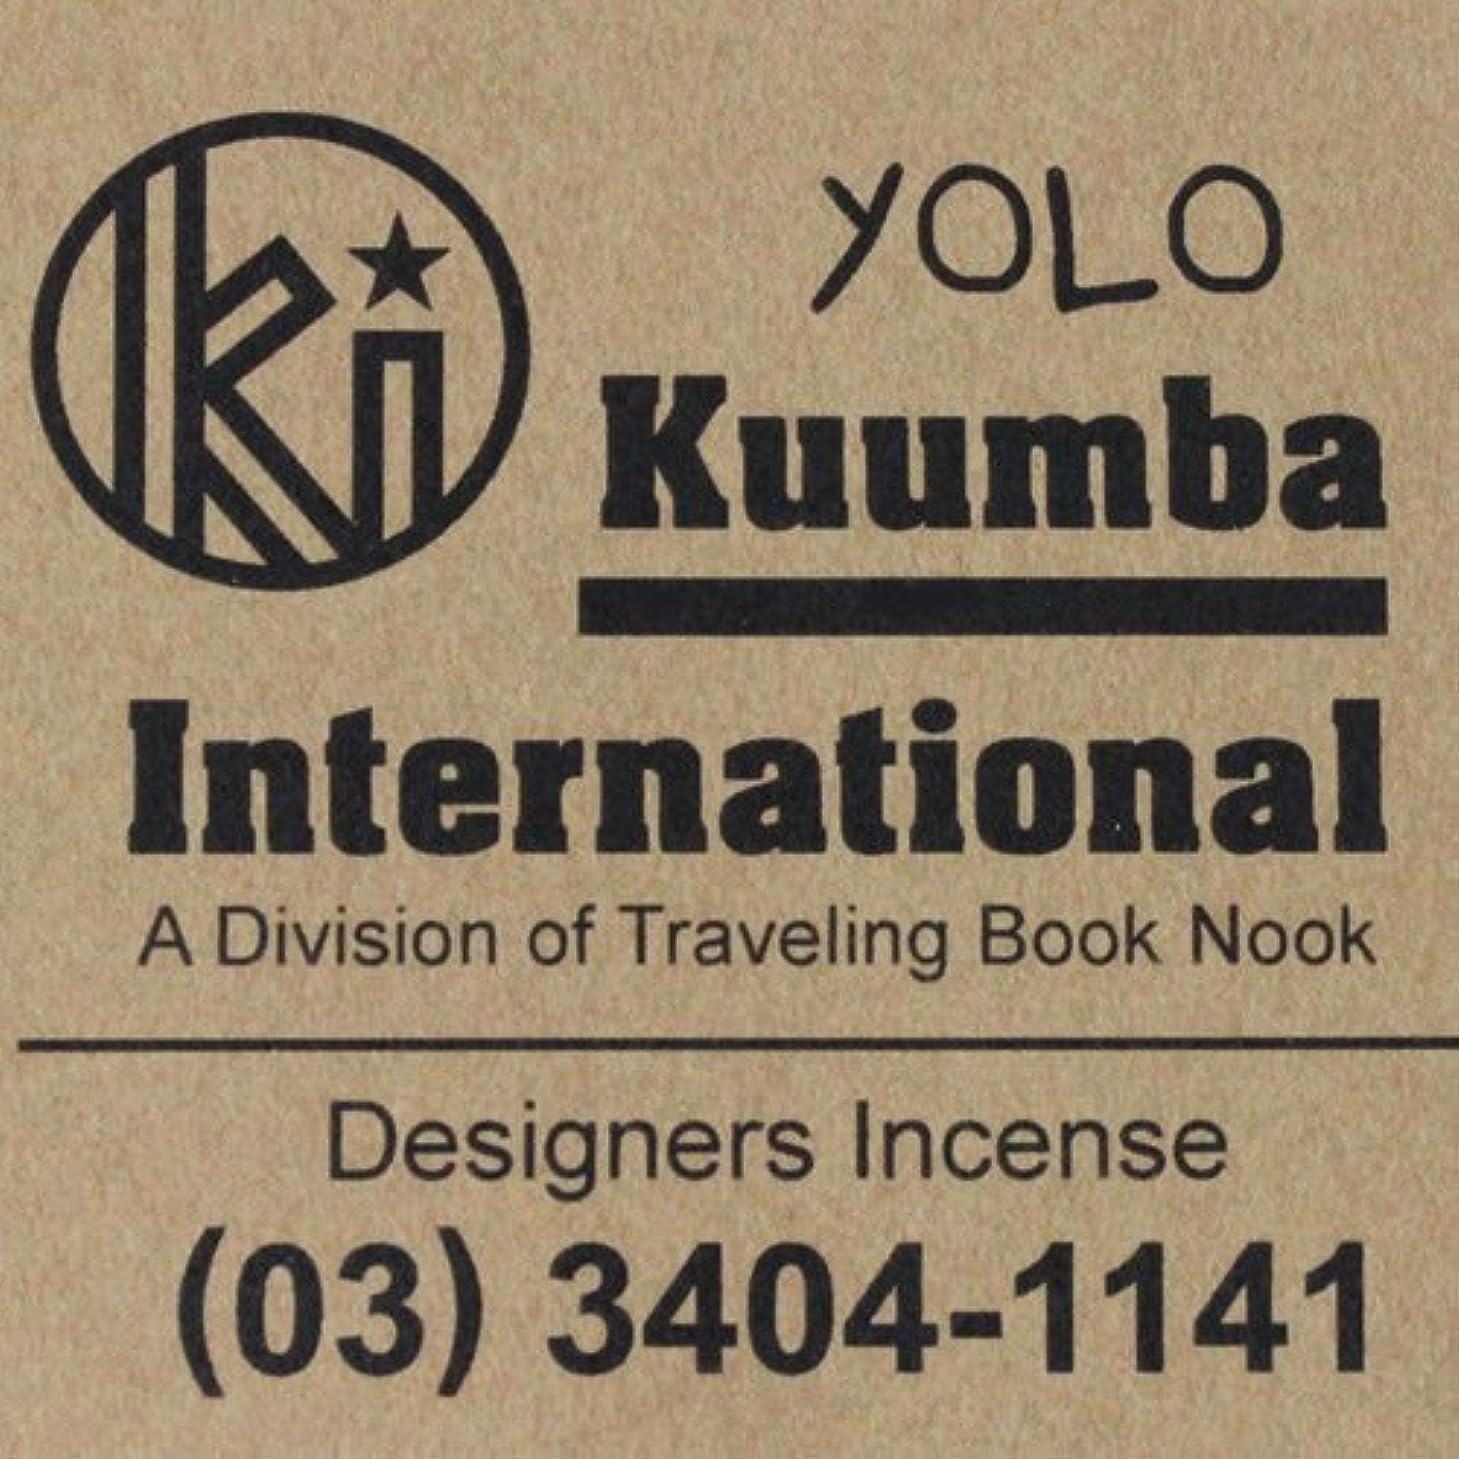 ベーカリーバター肝Kuumba(クンバ)『incense』(YOLO) (Regular size)